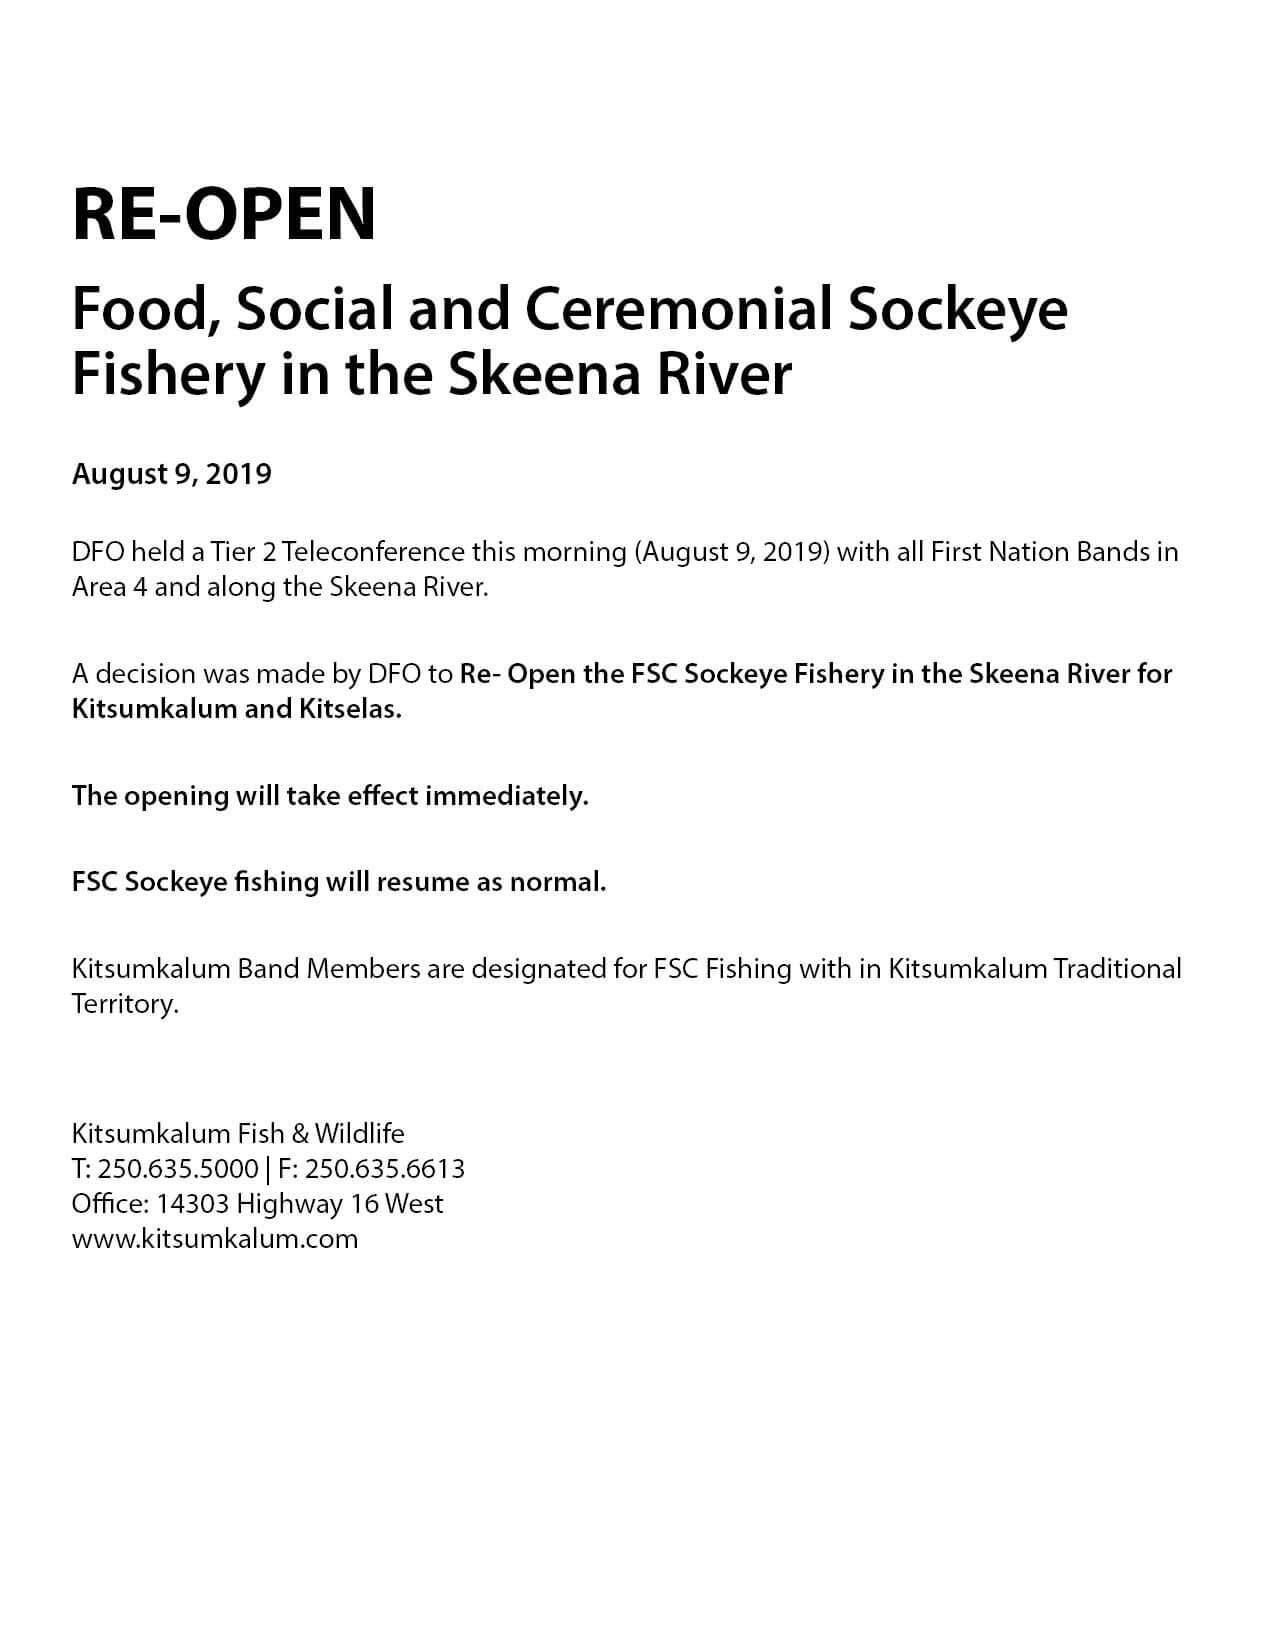 RE-OPEN – FSC Sockeye Fishery in the Skeena River AUGUST 2019